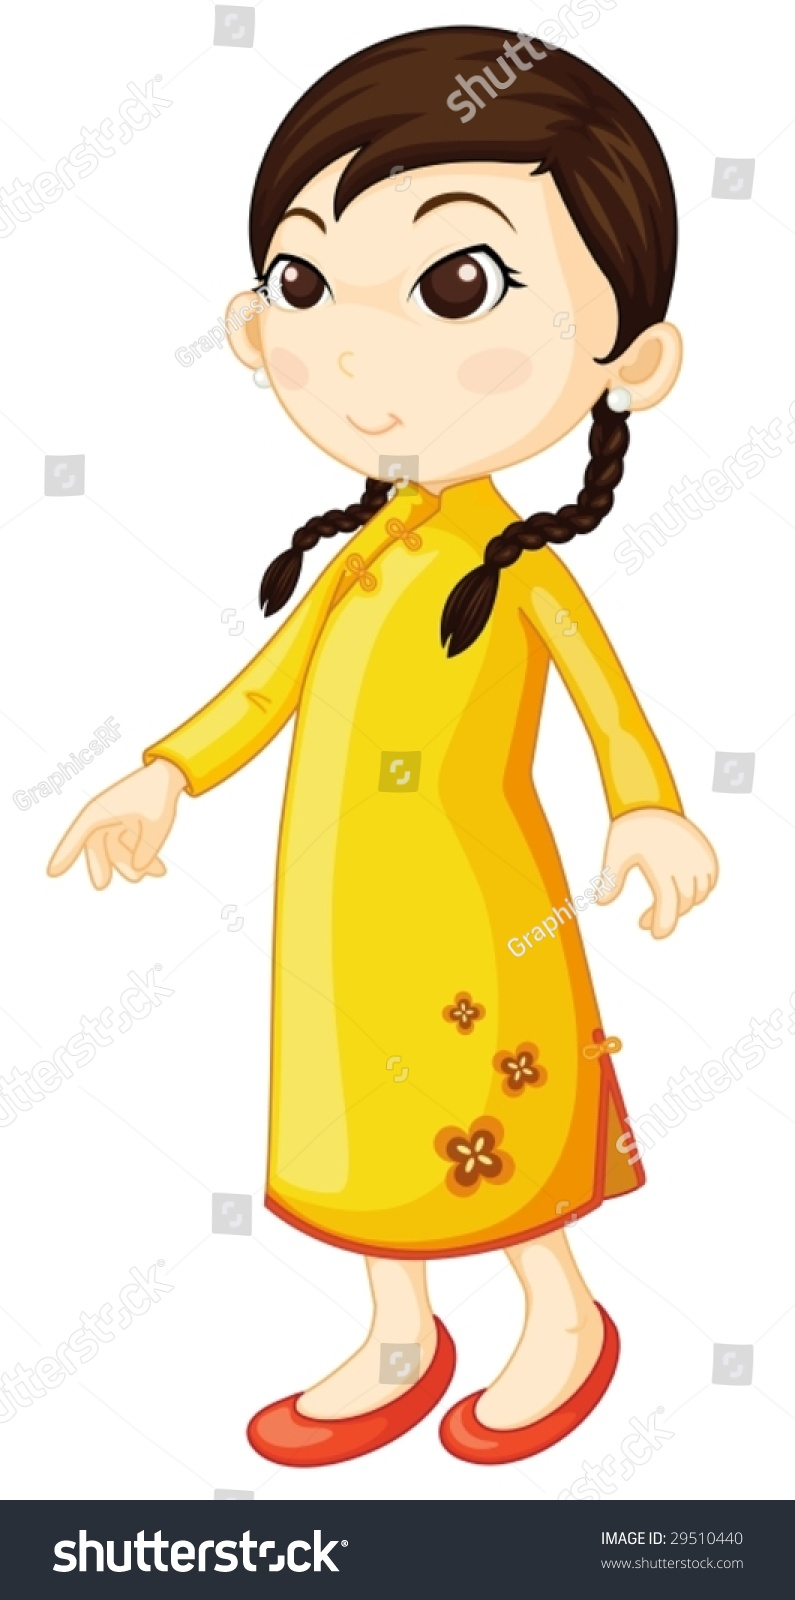 卡通古典旗袍的微信头像